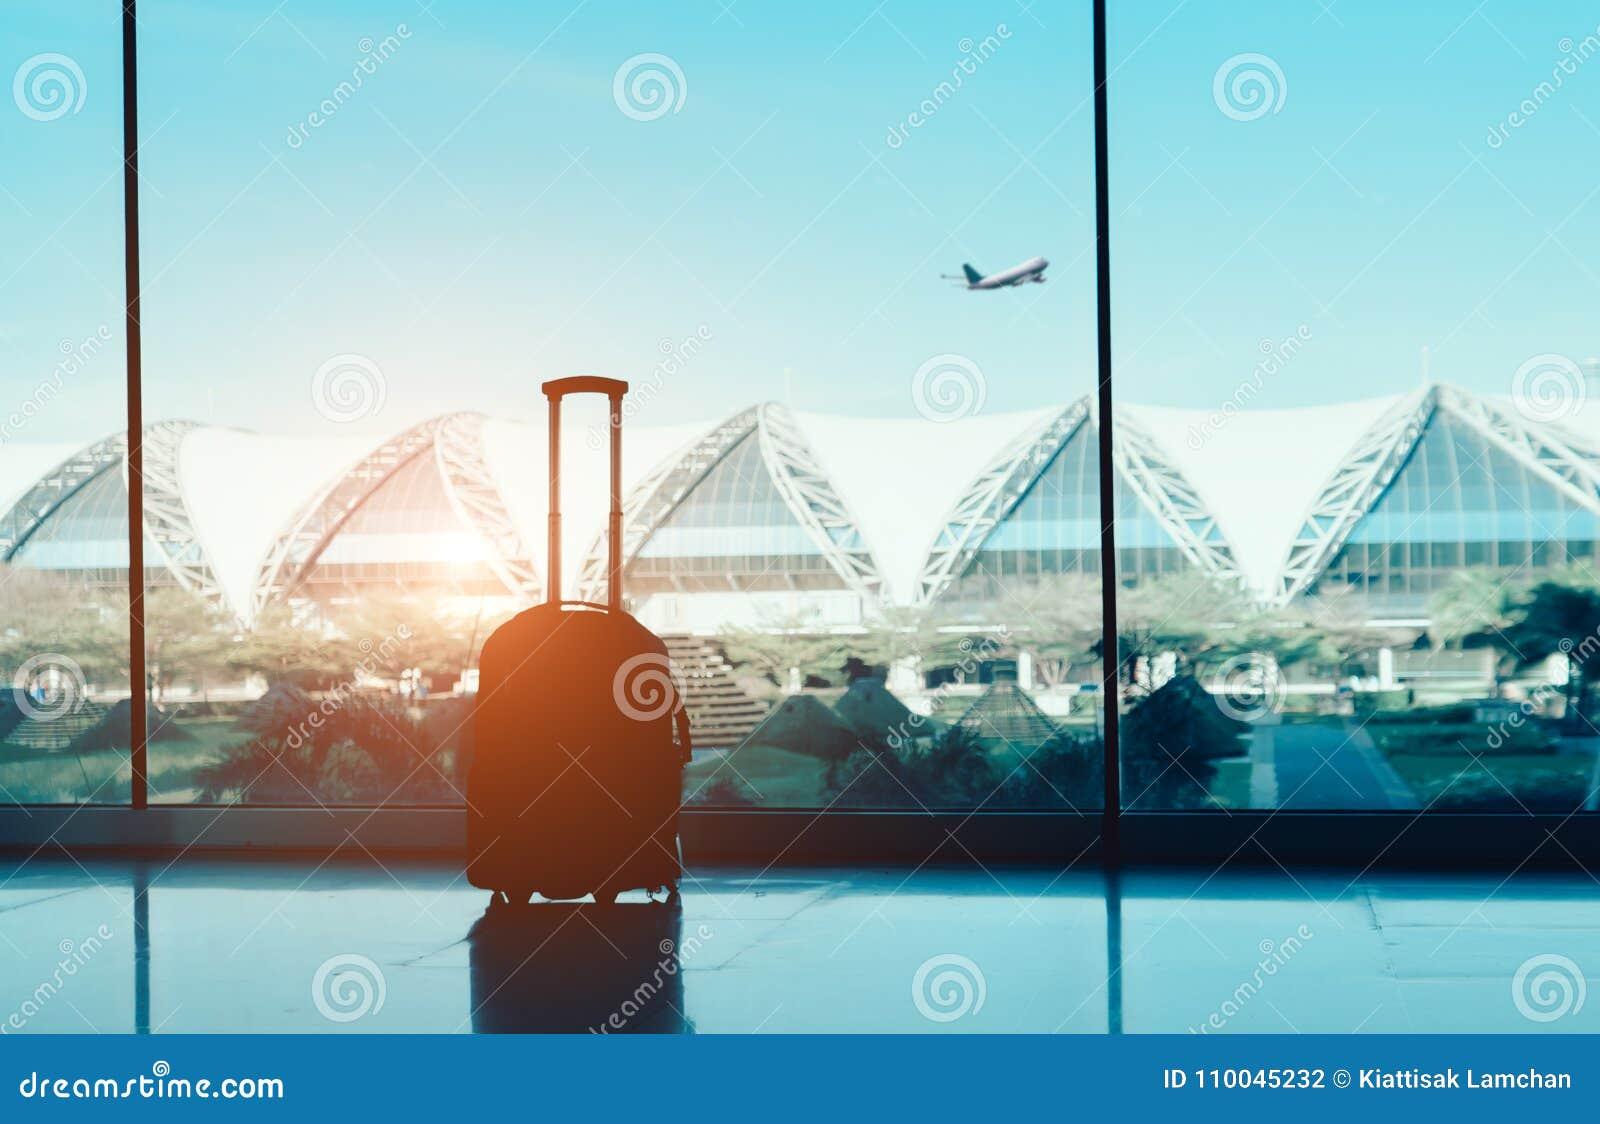 Silhouette чемодан, багаж на боковом окне на international крупного аэропорта и самолет снаружи на полете мухы в голубое небо tr